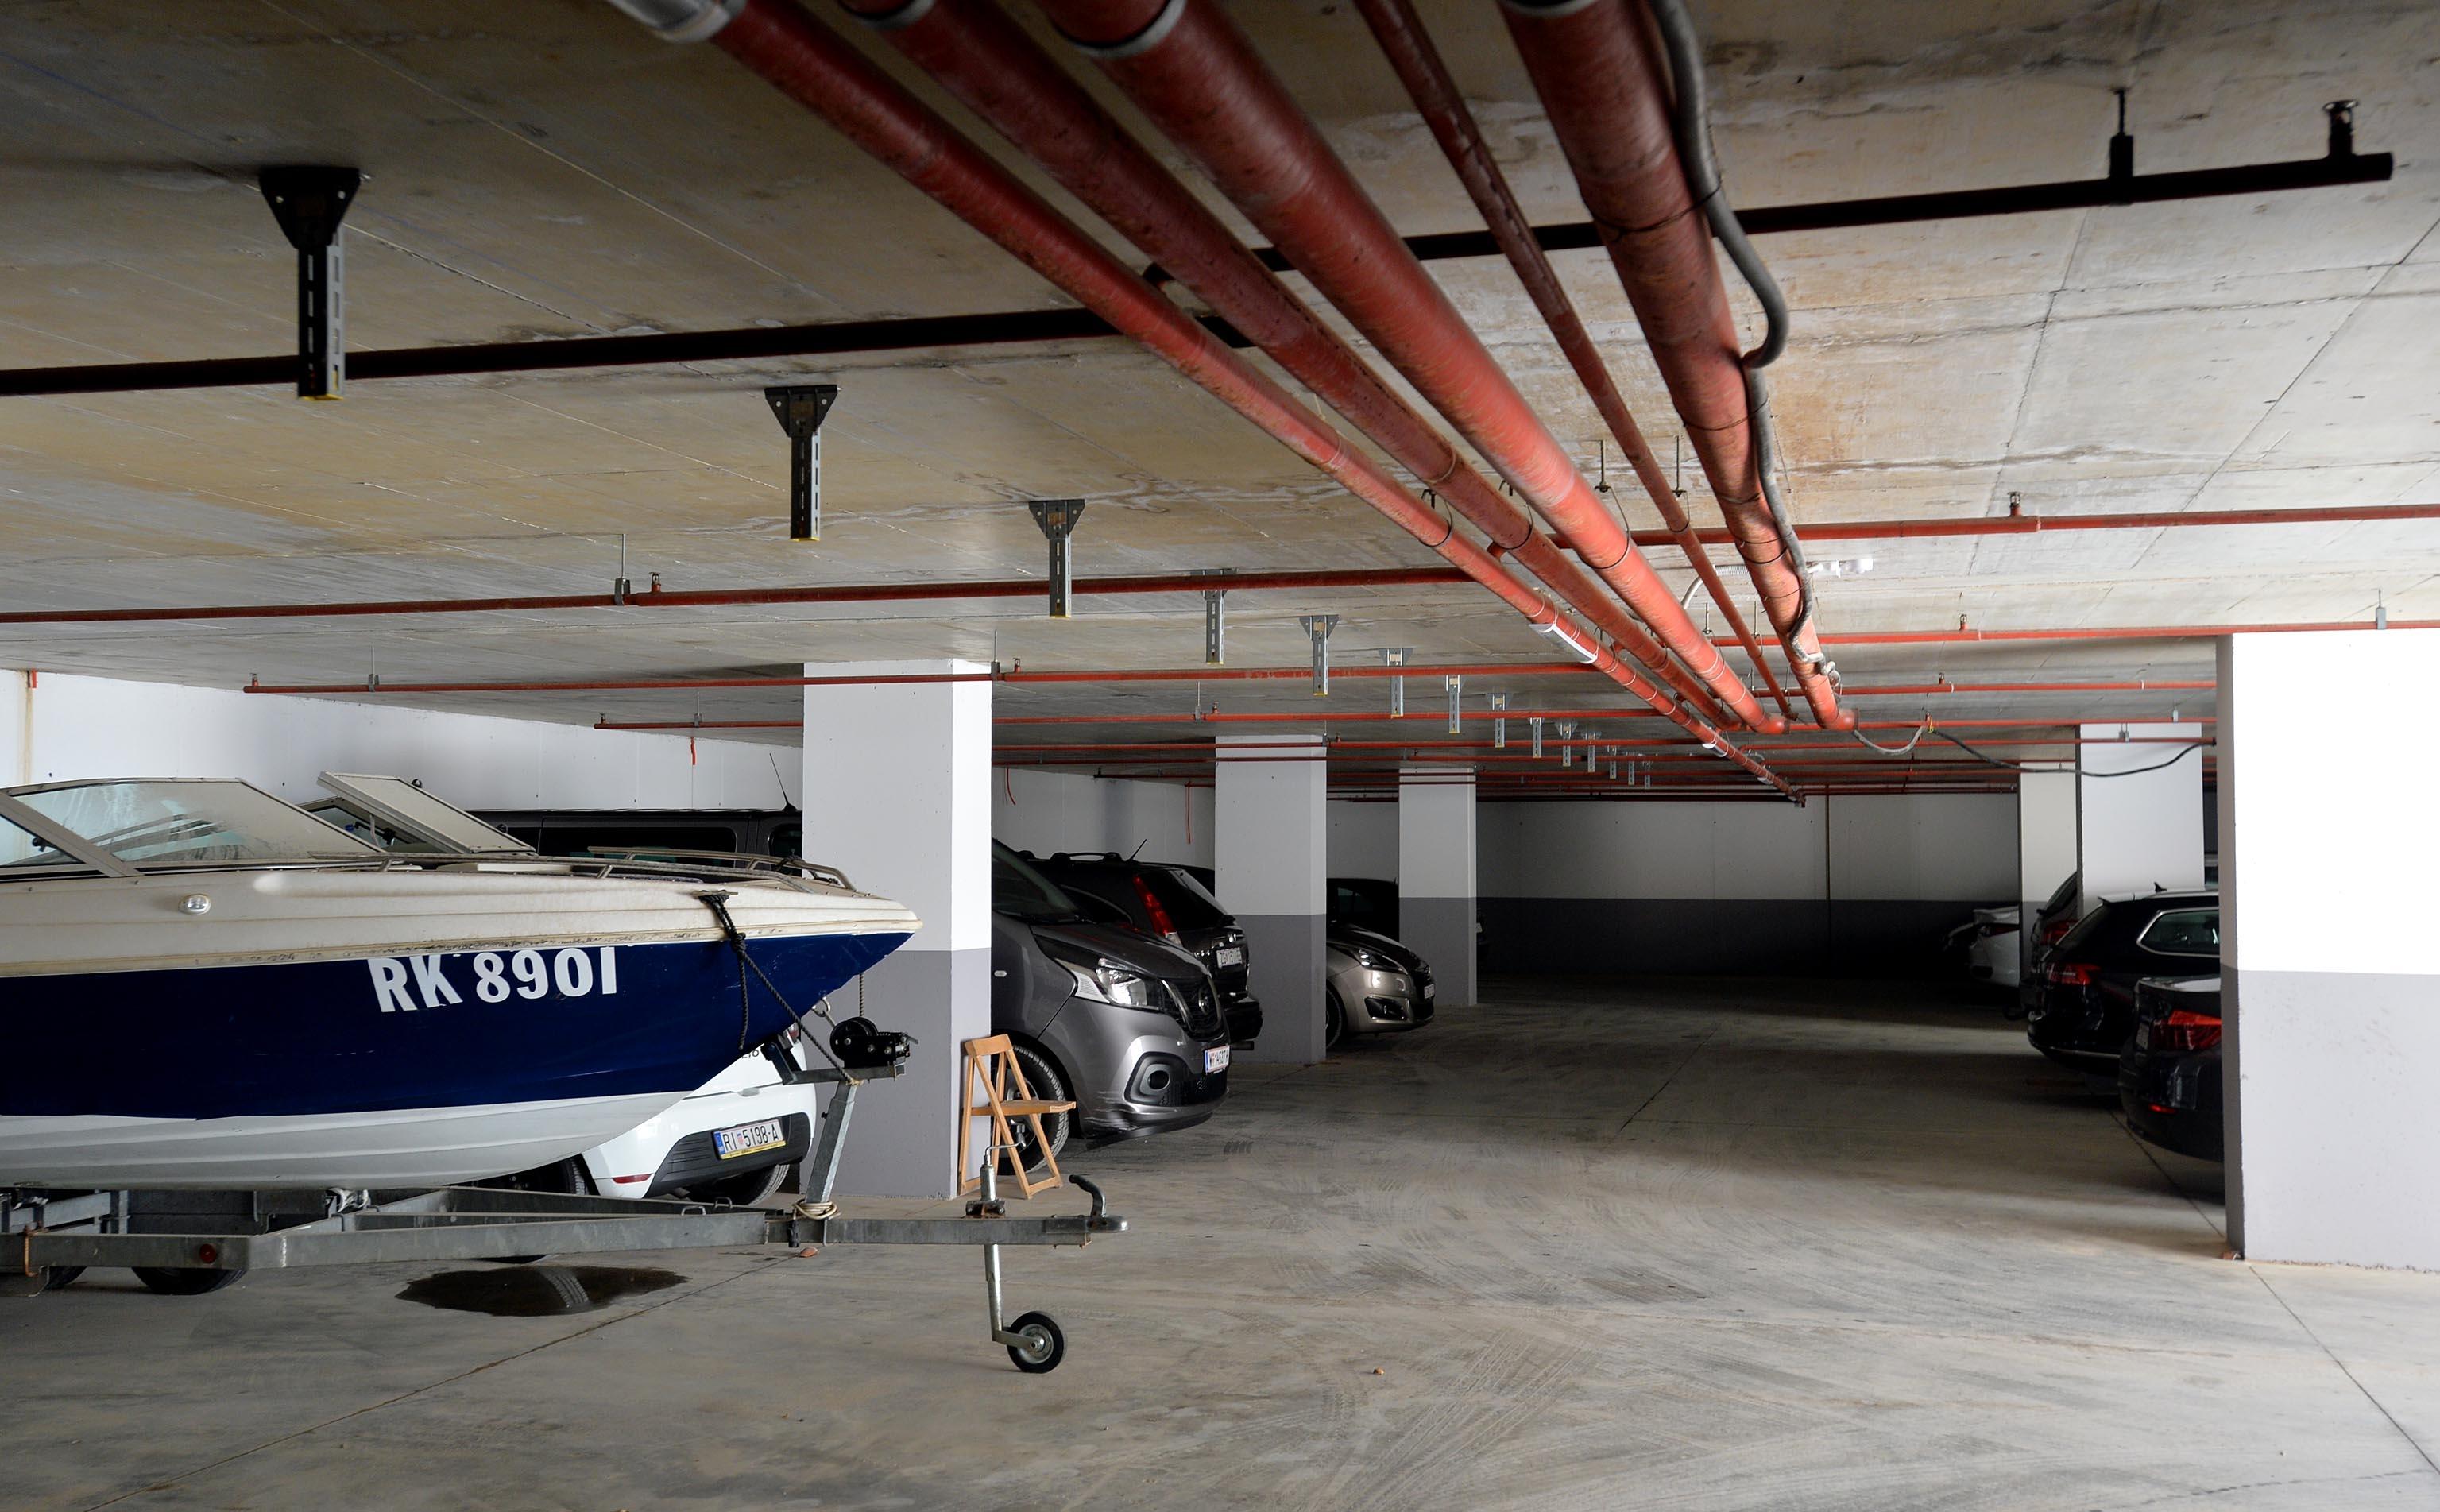 Budući hotel imat će i svoje parkiralište / Snimio Damir ŠKOMRLJ